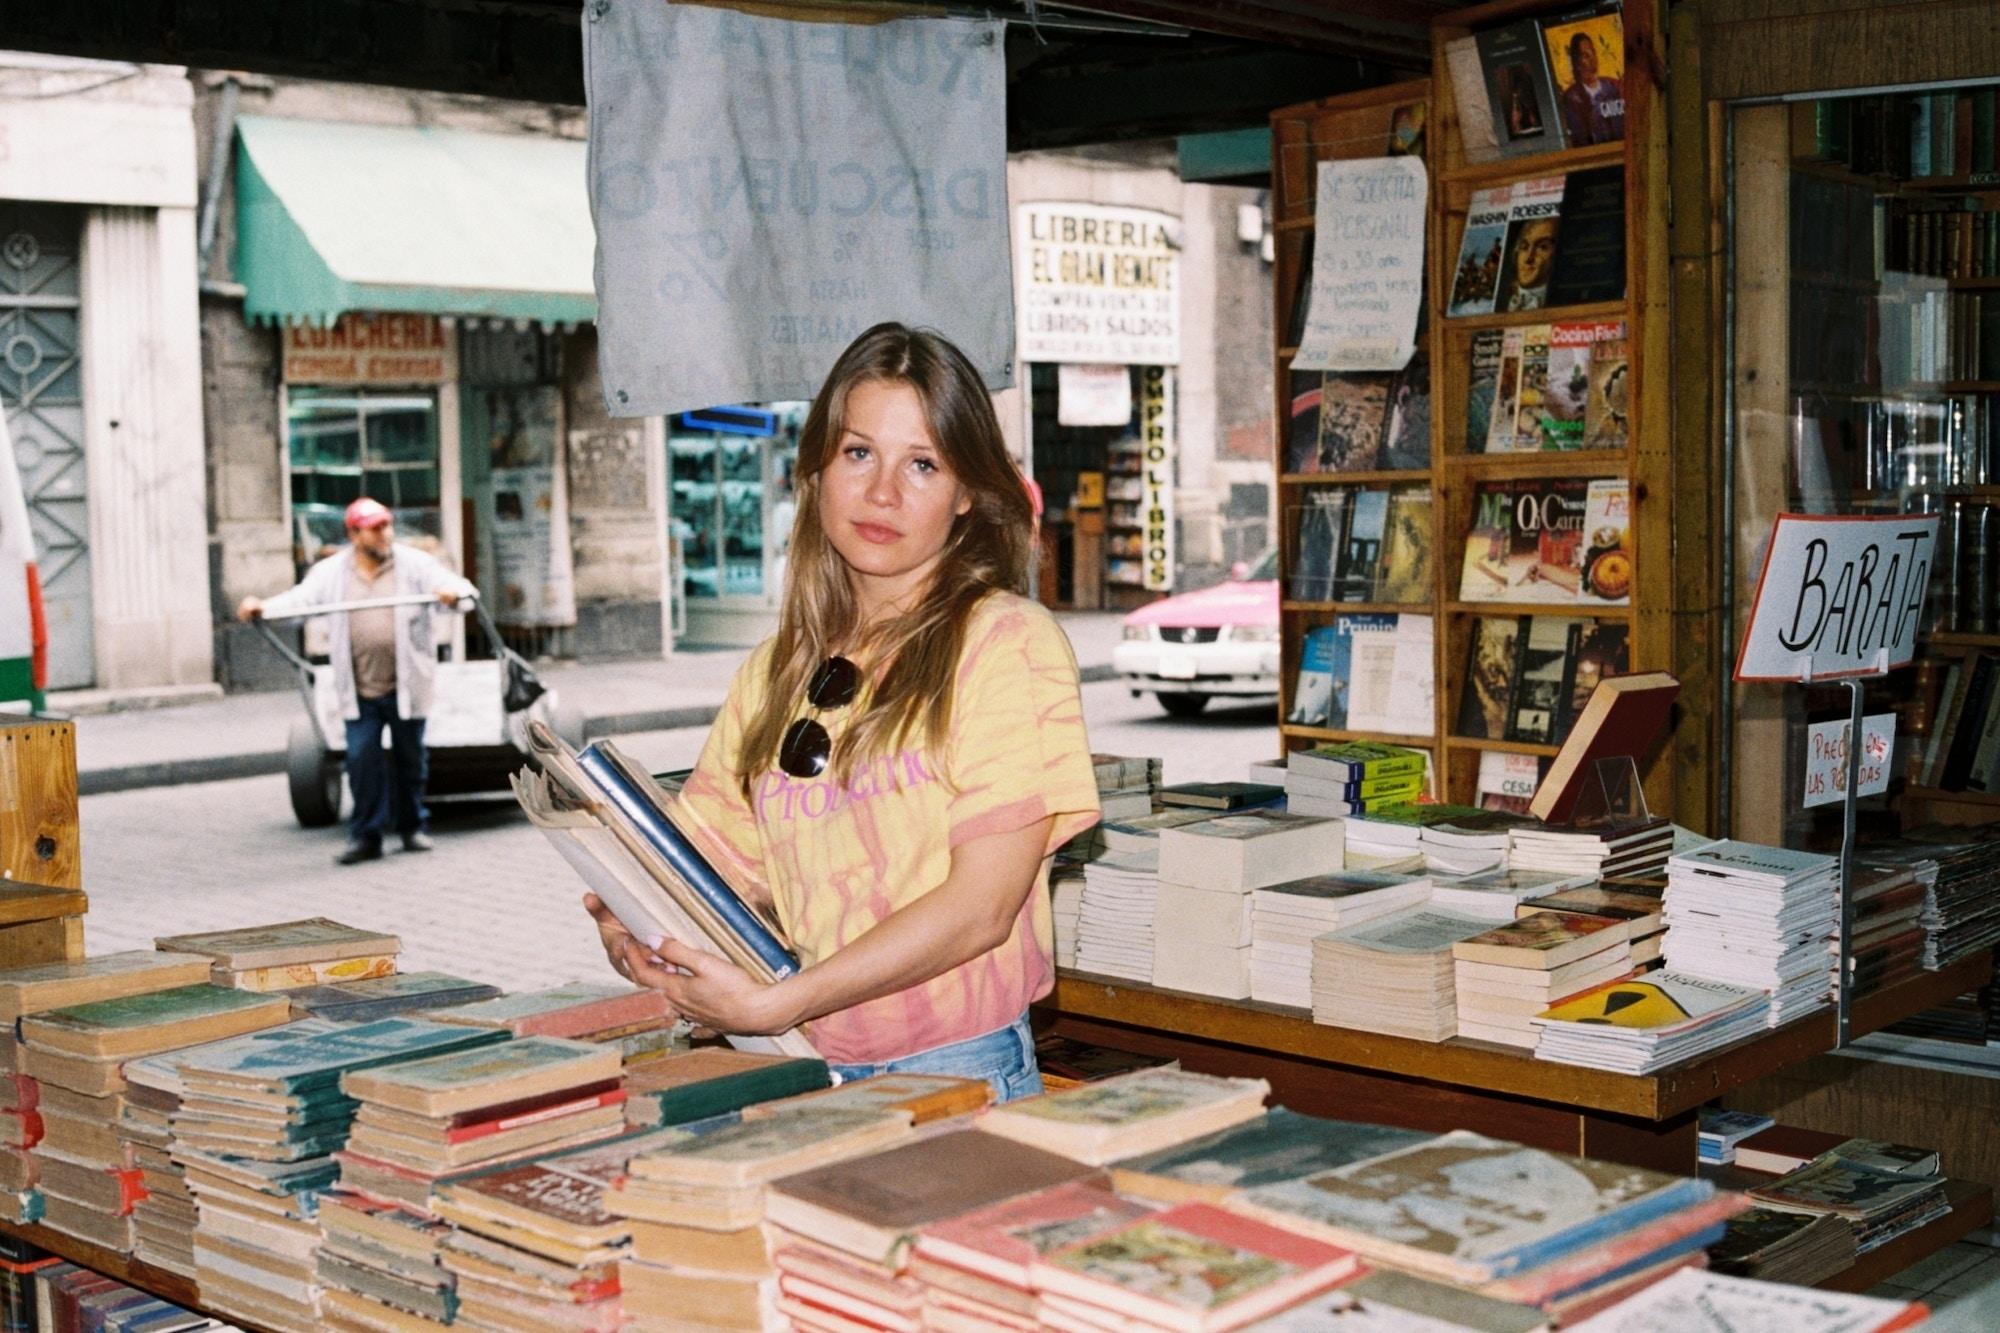 Portrett av kunstner Ida Ekblad. Jente med langt lyst hår holder bøker i en gammel bokhandel.